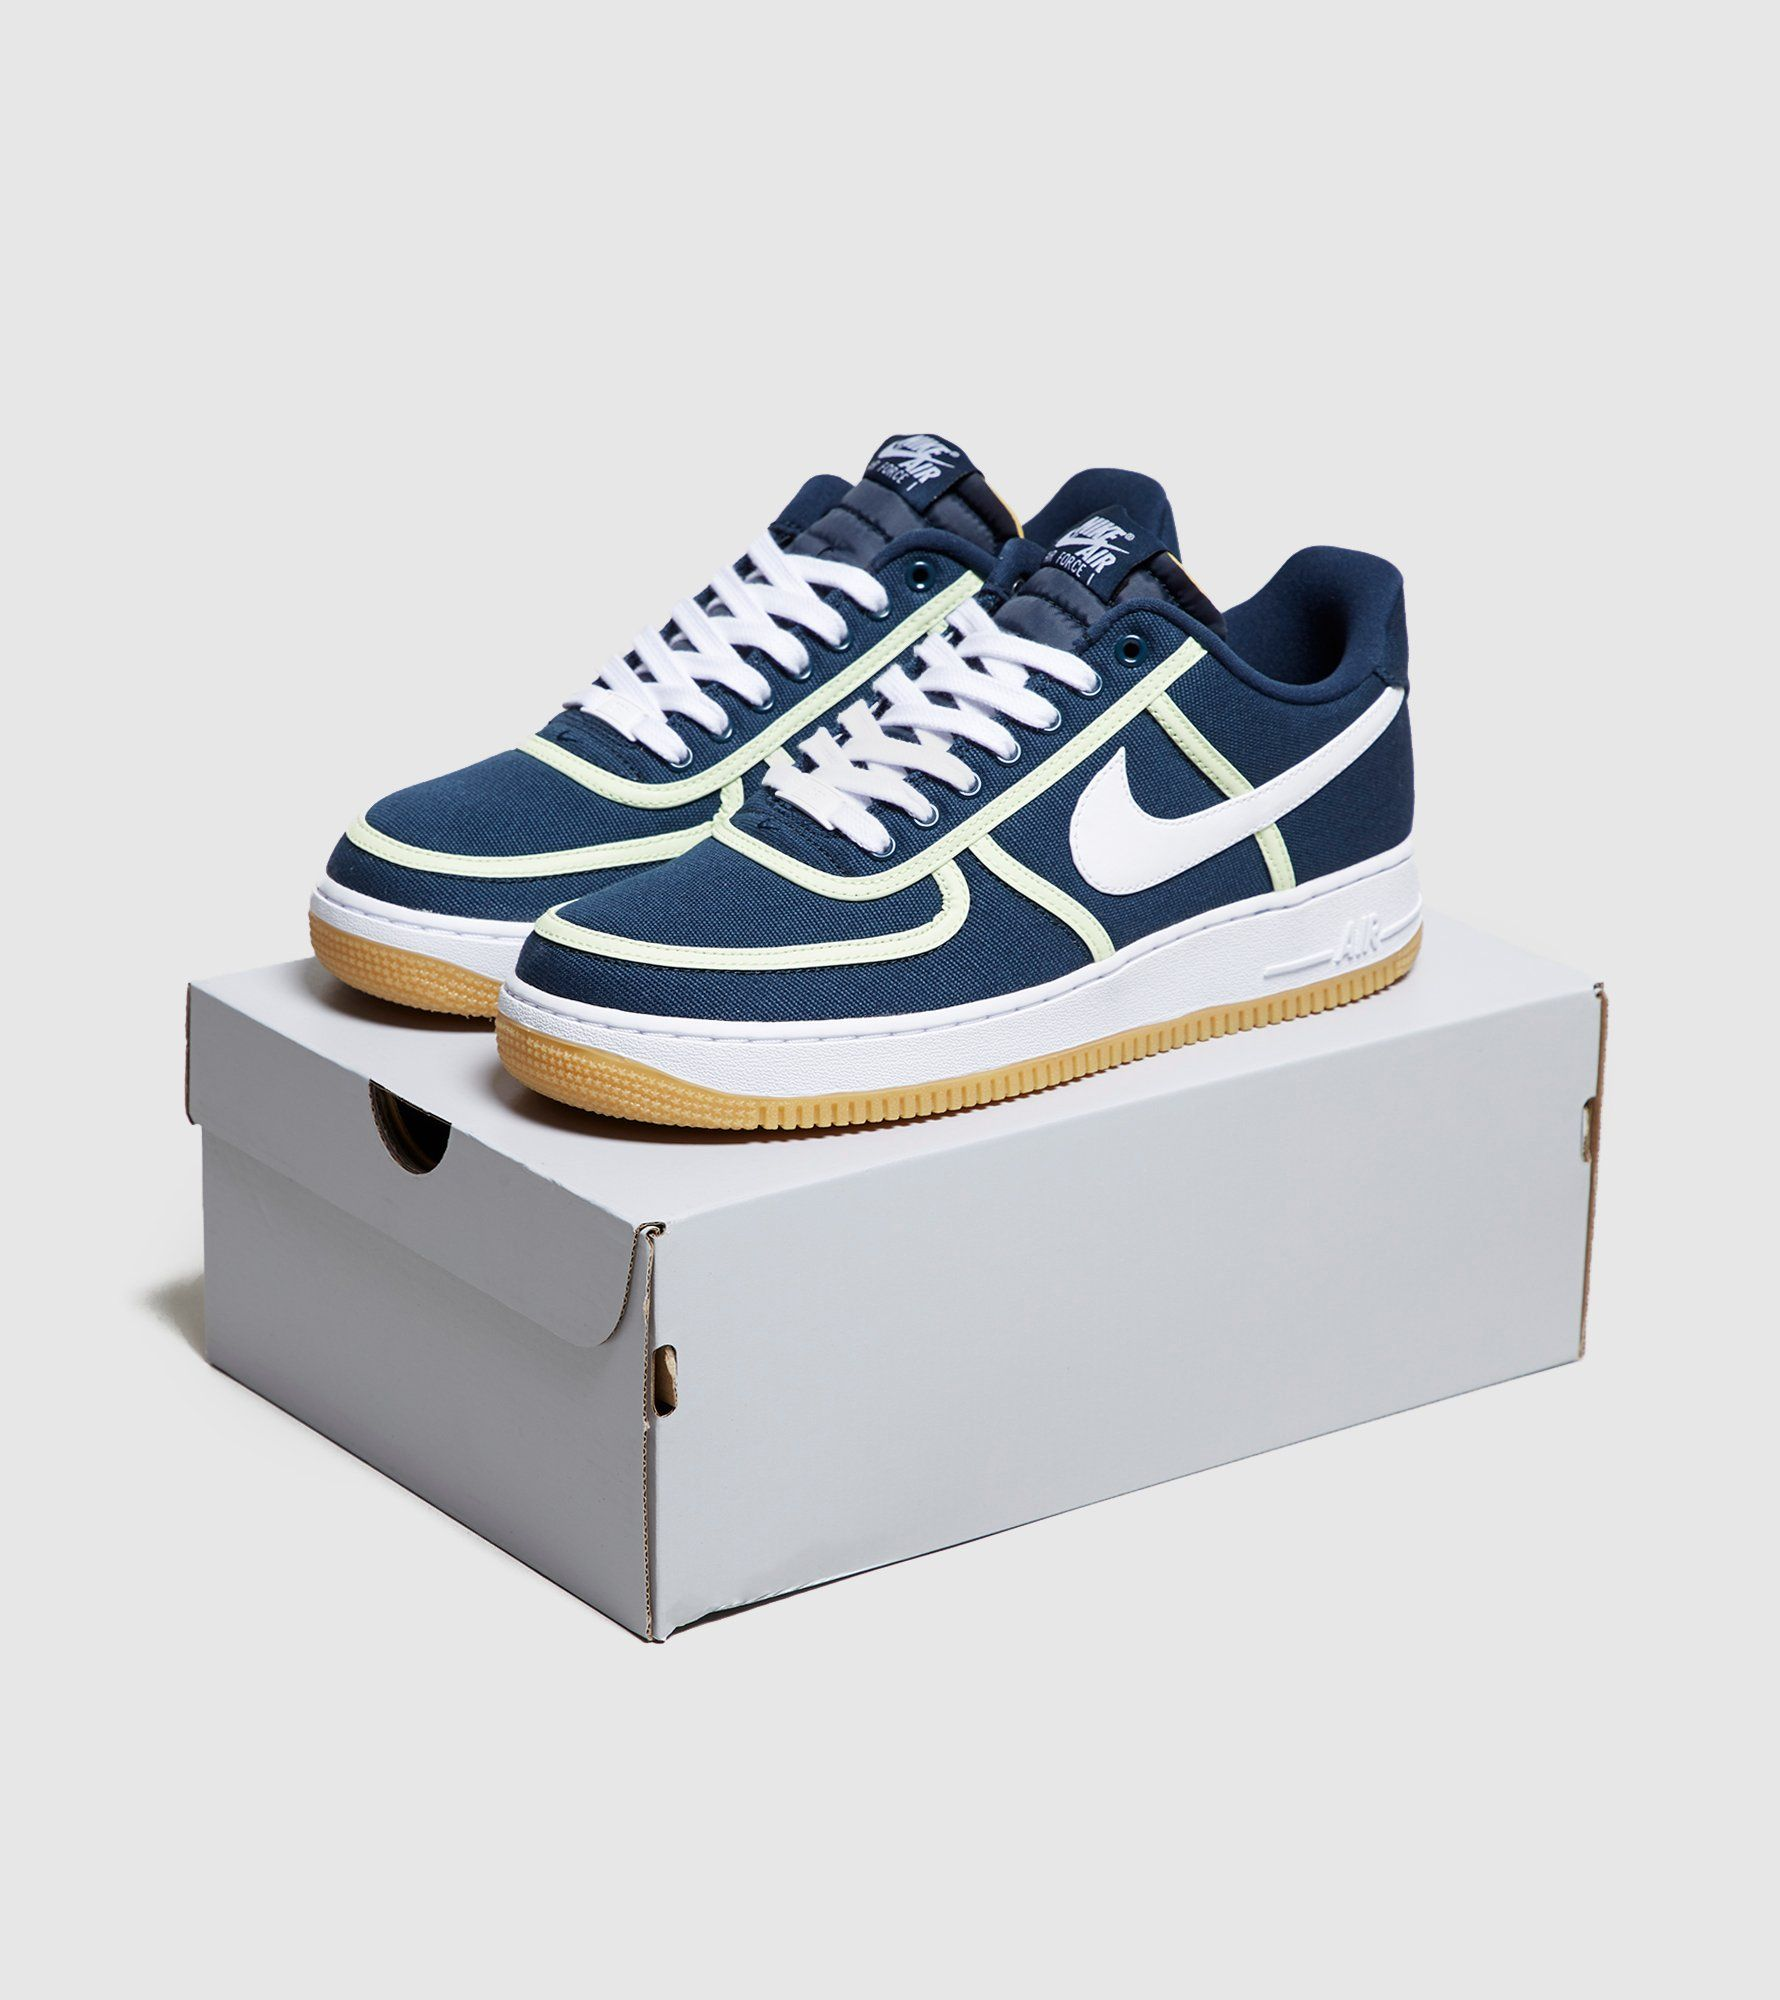 Nike Air Force 1 '07 Premium